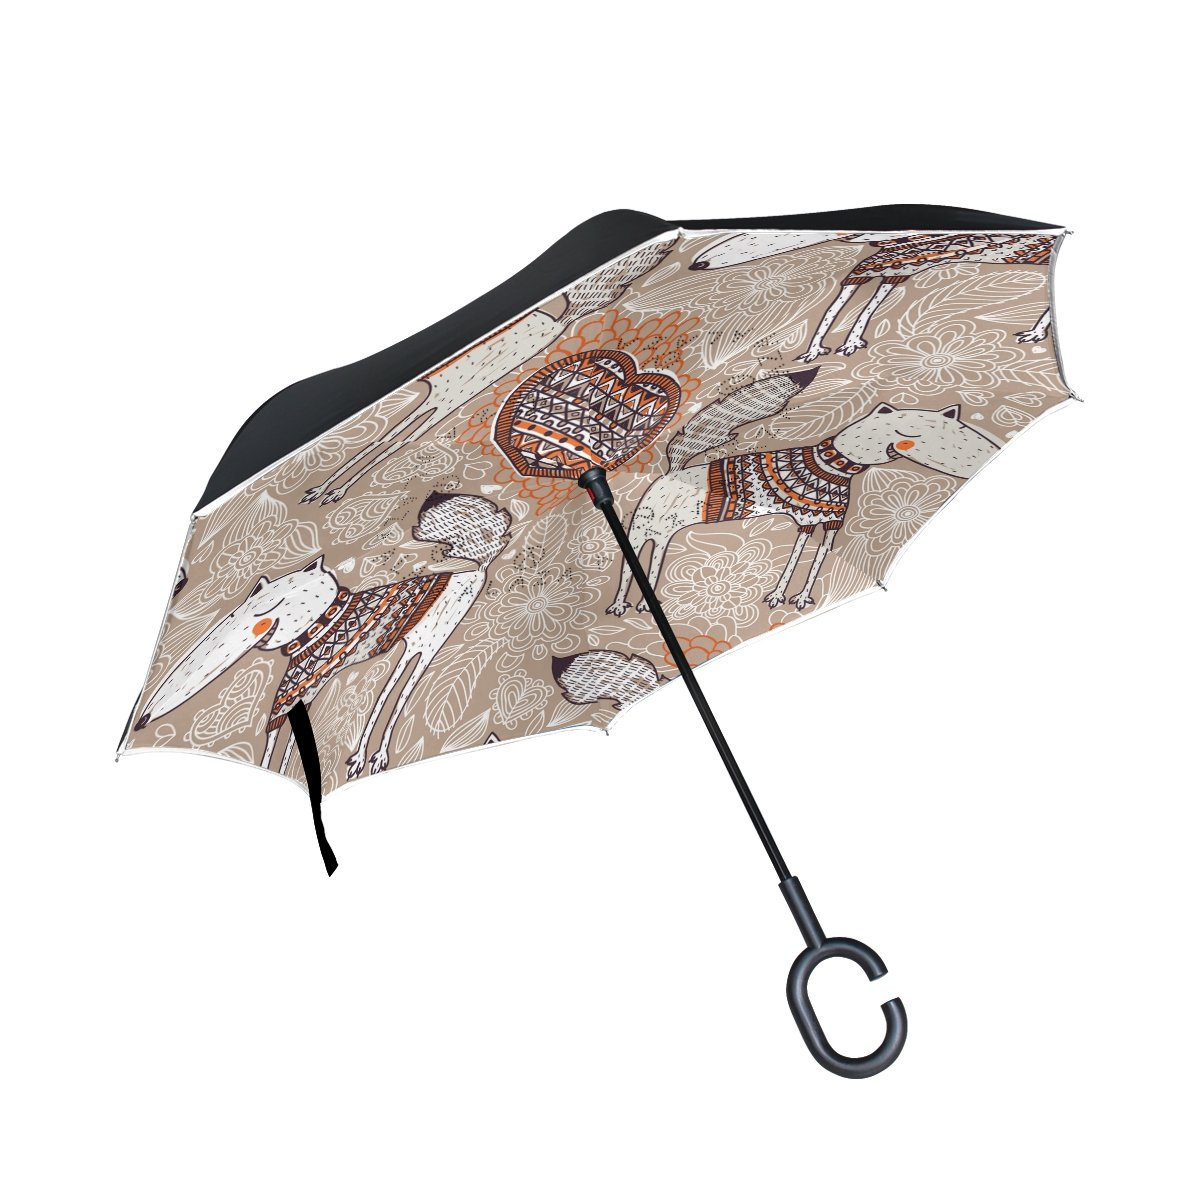 OKONE Envers inversé Ouverture Automatique Parapluie Compact léger Droites parapluies avec Art Fox Motif Floral pour Auto et à l'extérieur